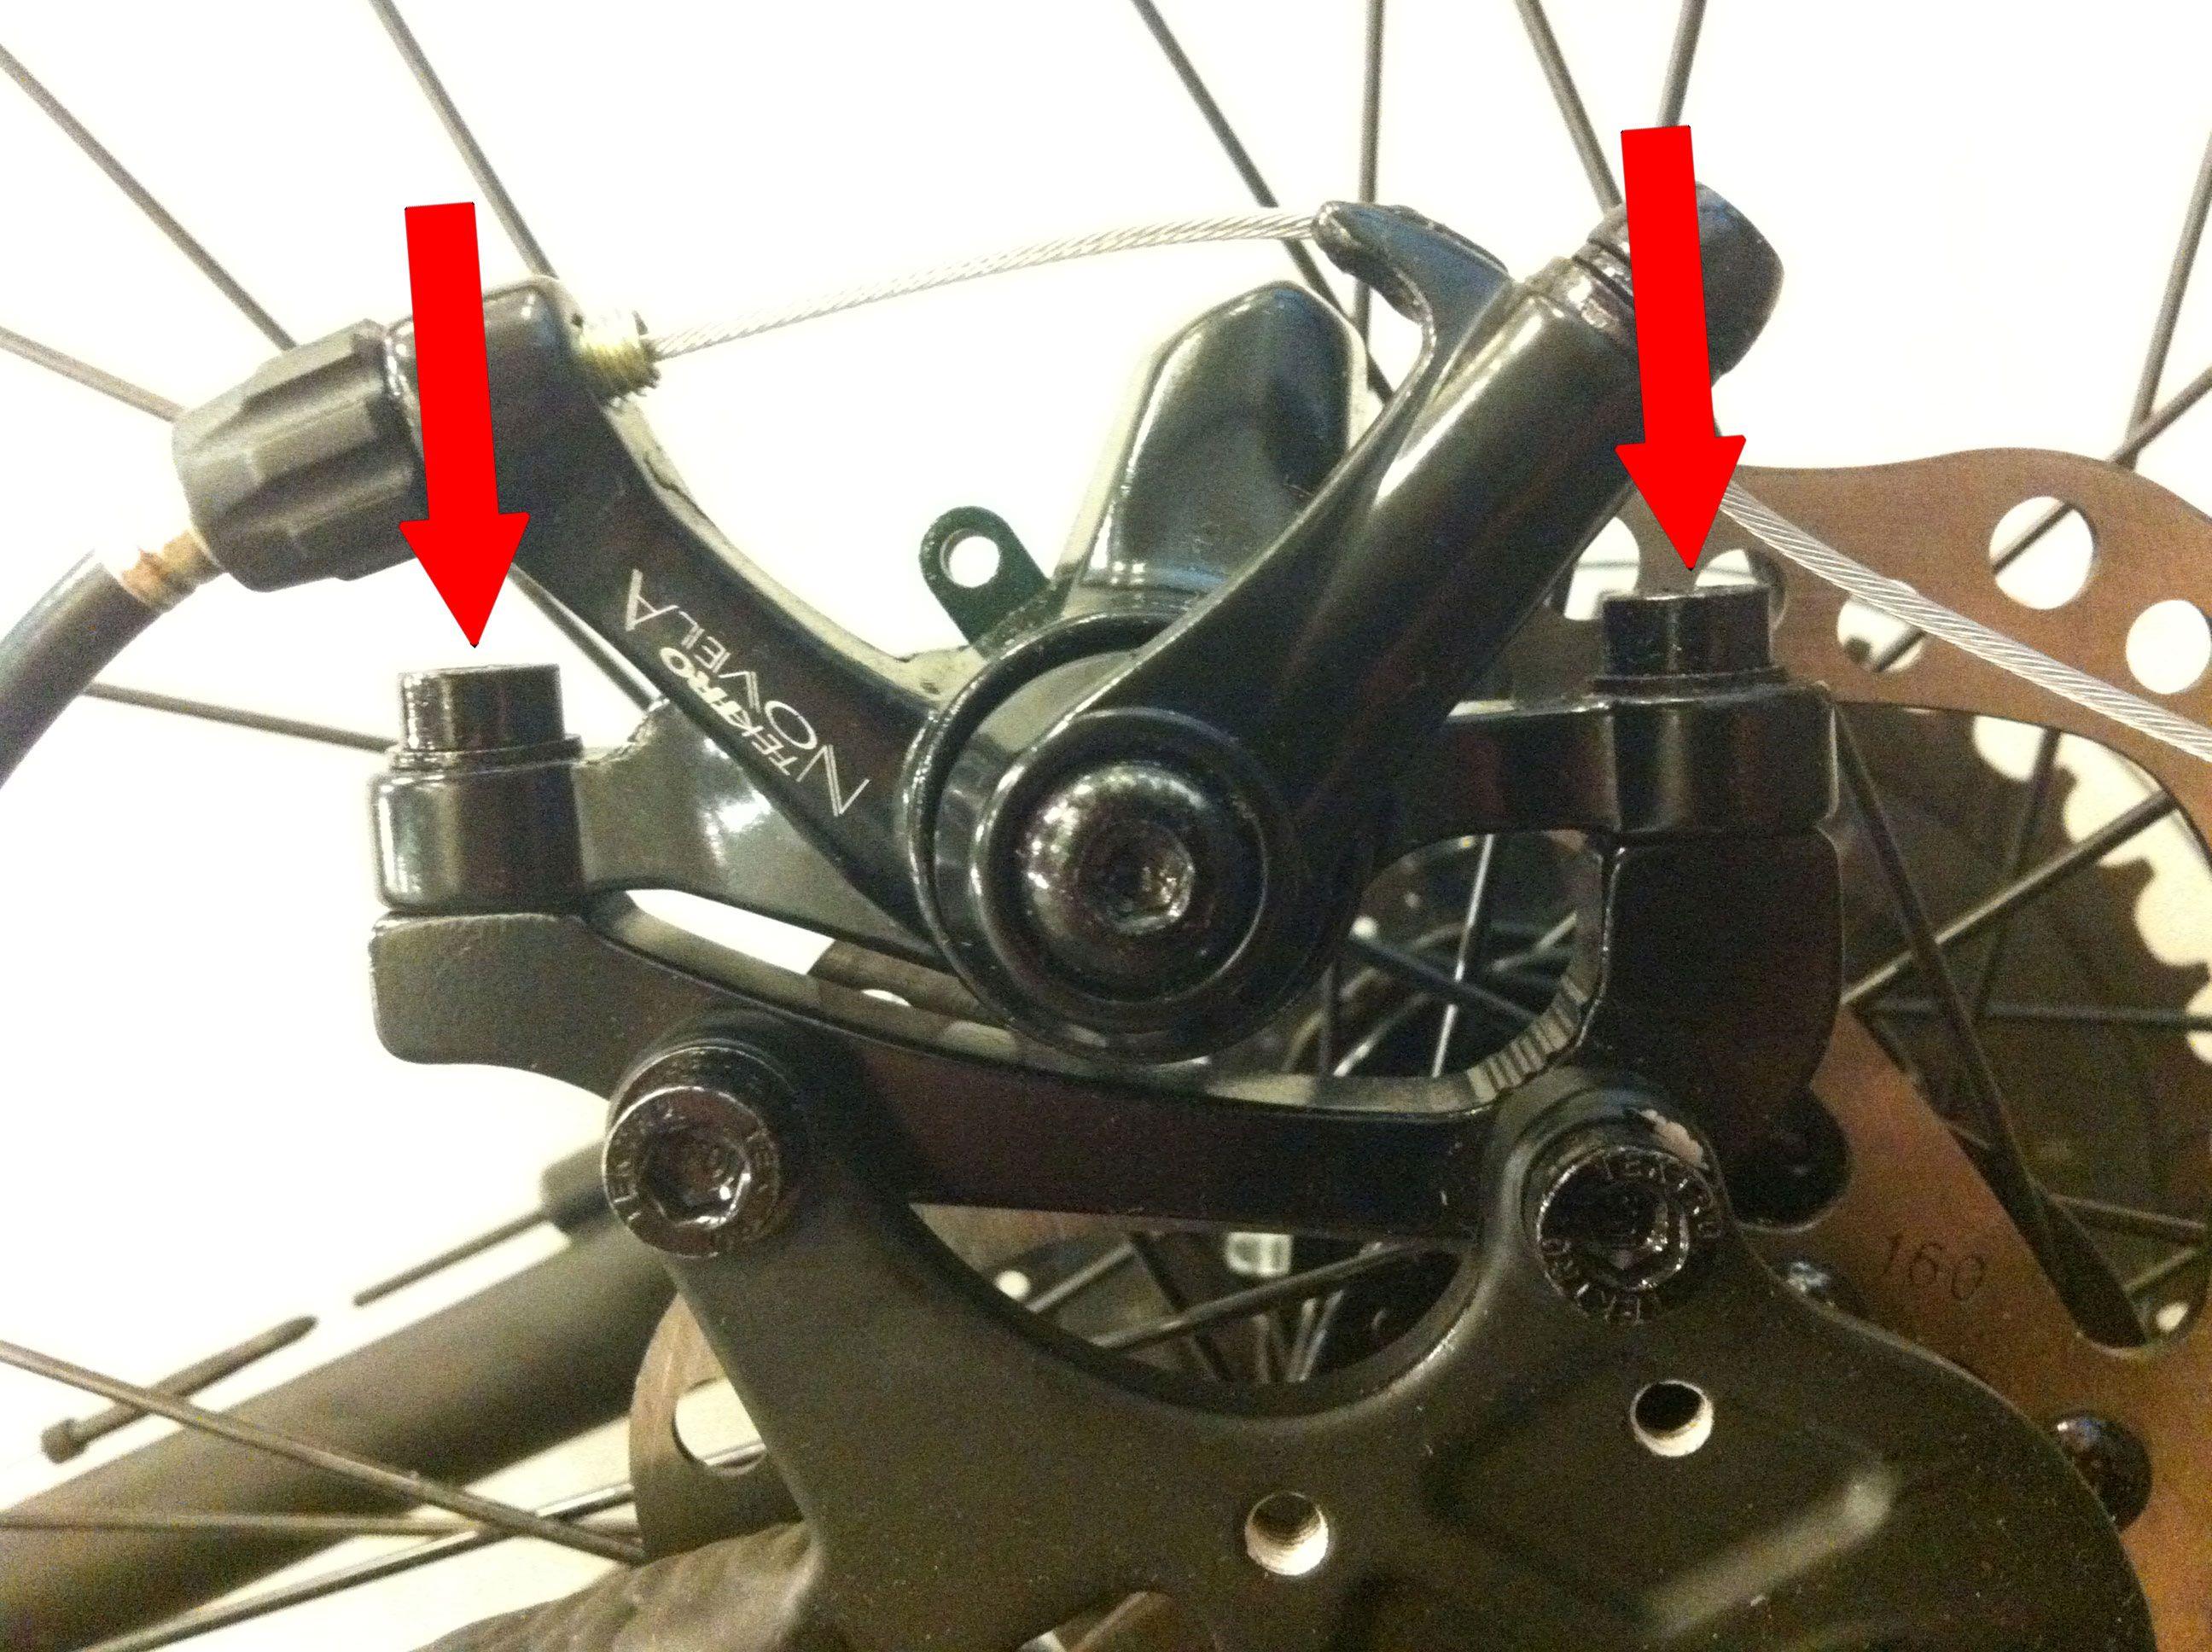 Adjusting Mechanical Disc Brakes Montague Bikes Bike Brakes Montague Bikes